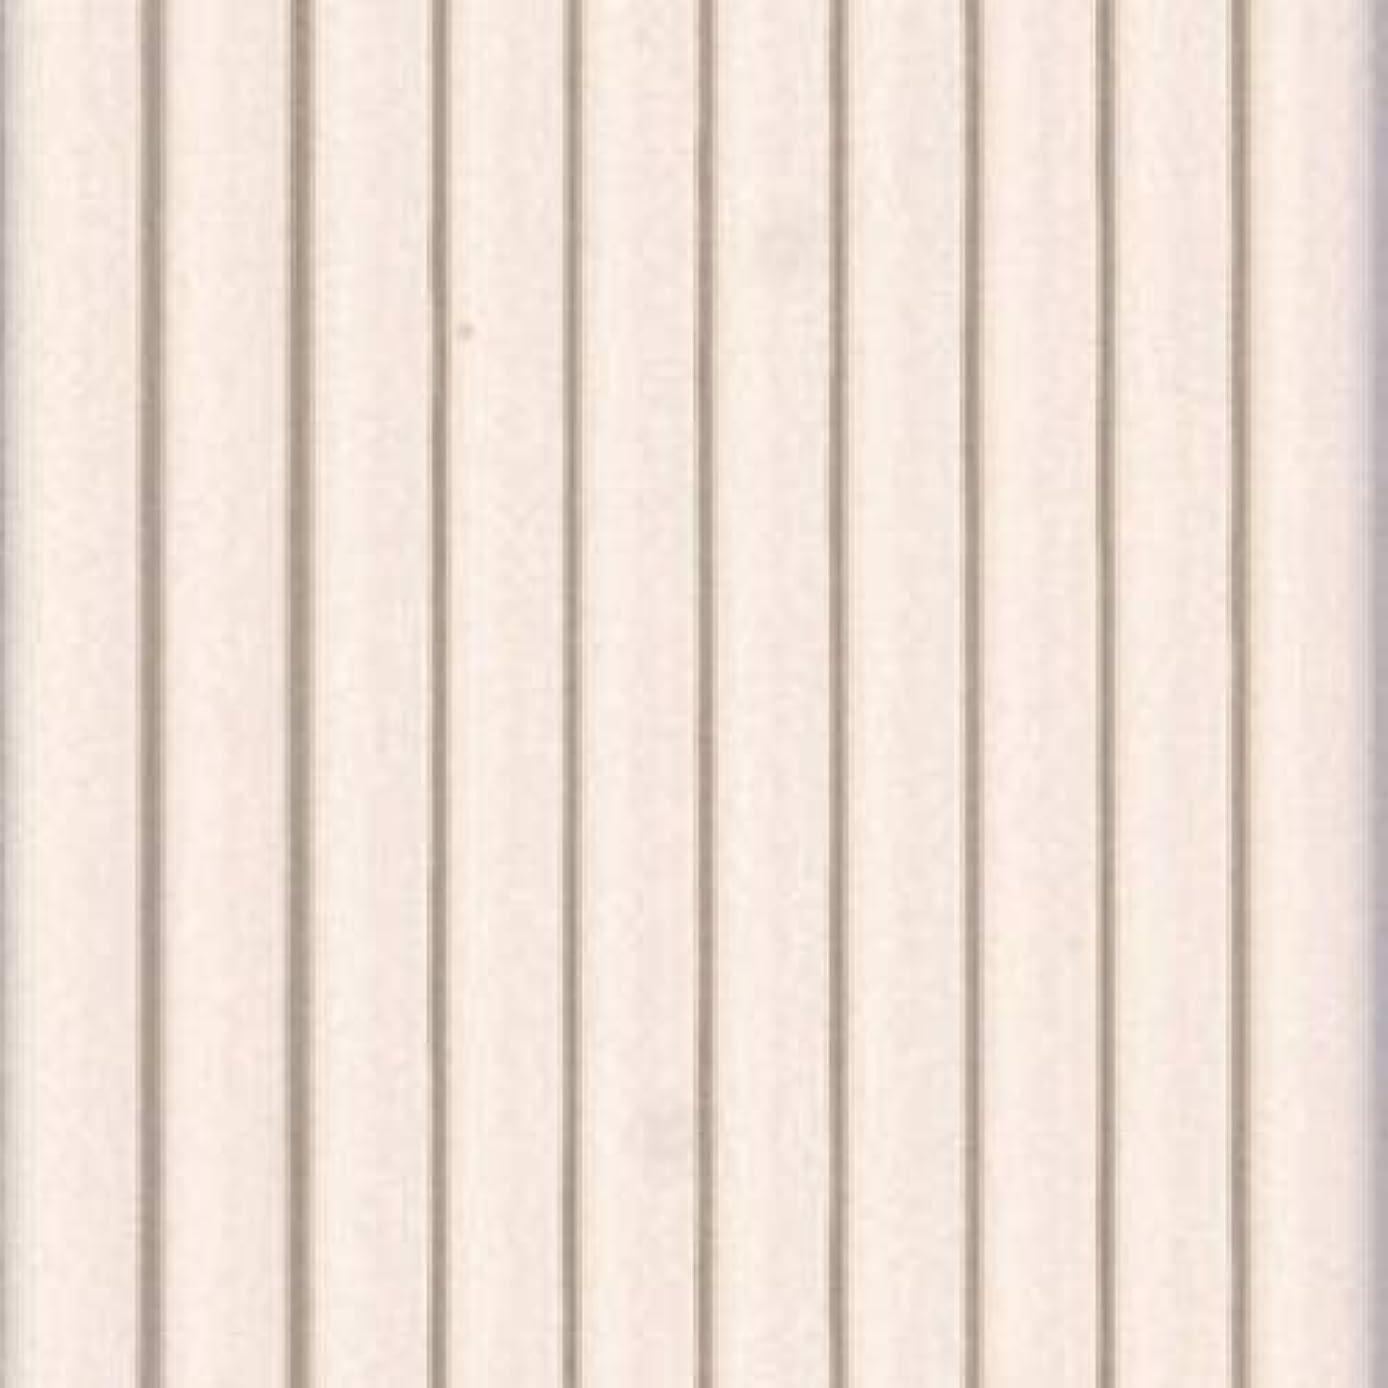 Efco Wax Strips Round 200 x 2 mm 10 pcs. Cream